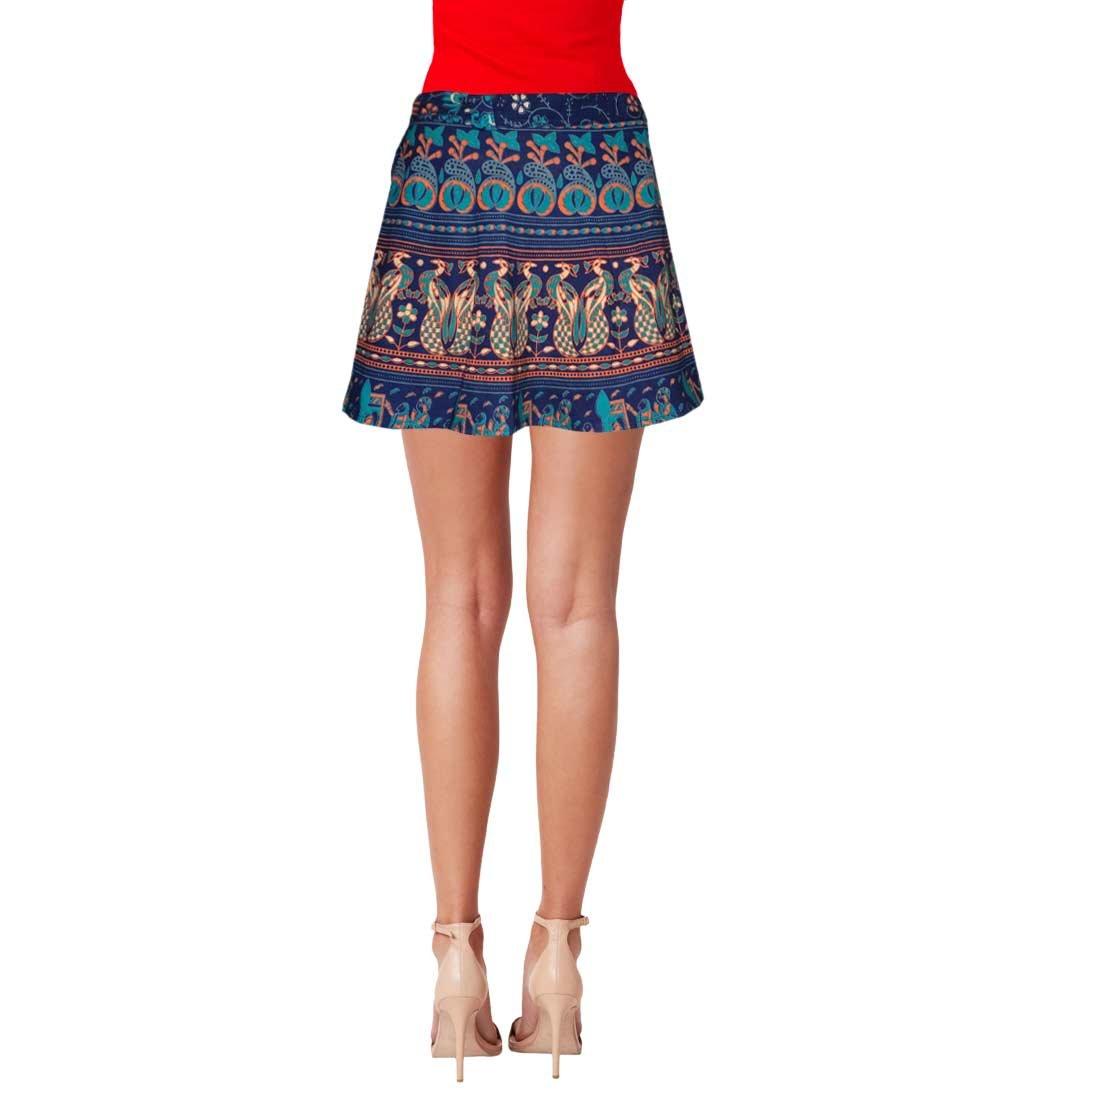 36c26300f5 Sttoffa Women s Cotton Animal Print Wrap Around Short Mini Skirt  (NTBW15-0064